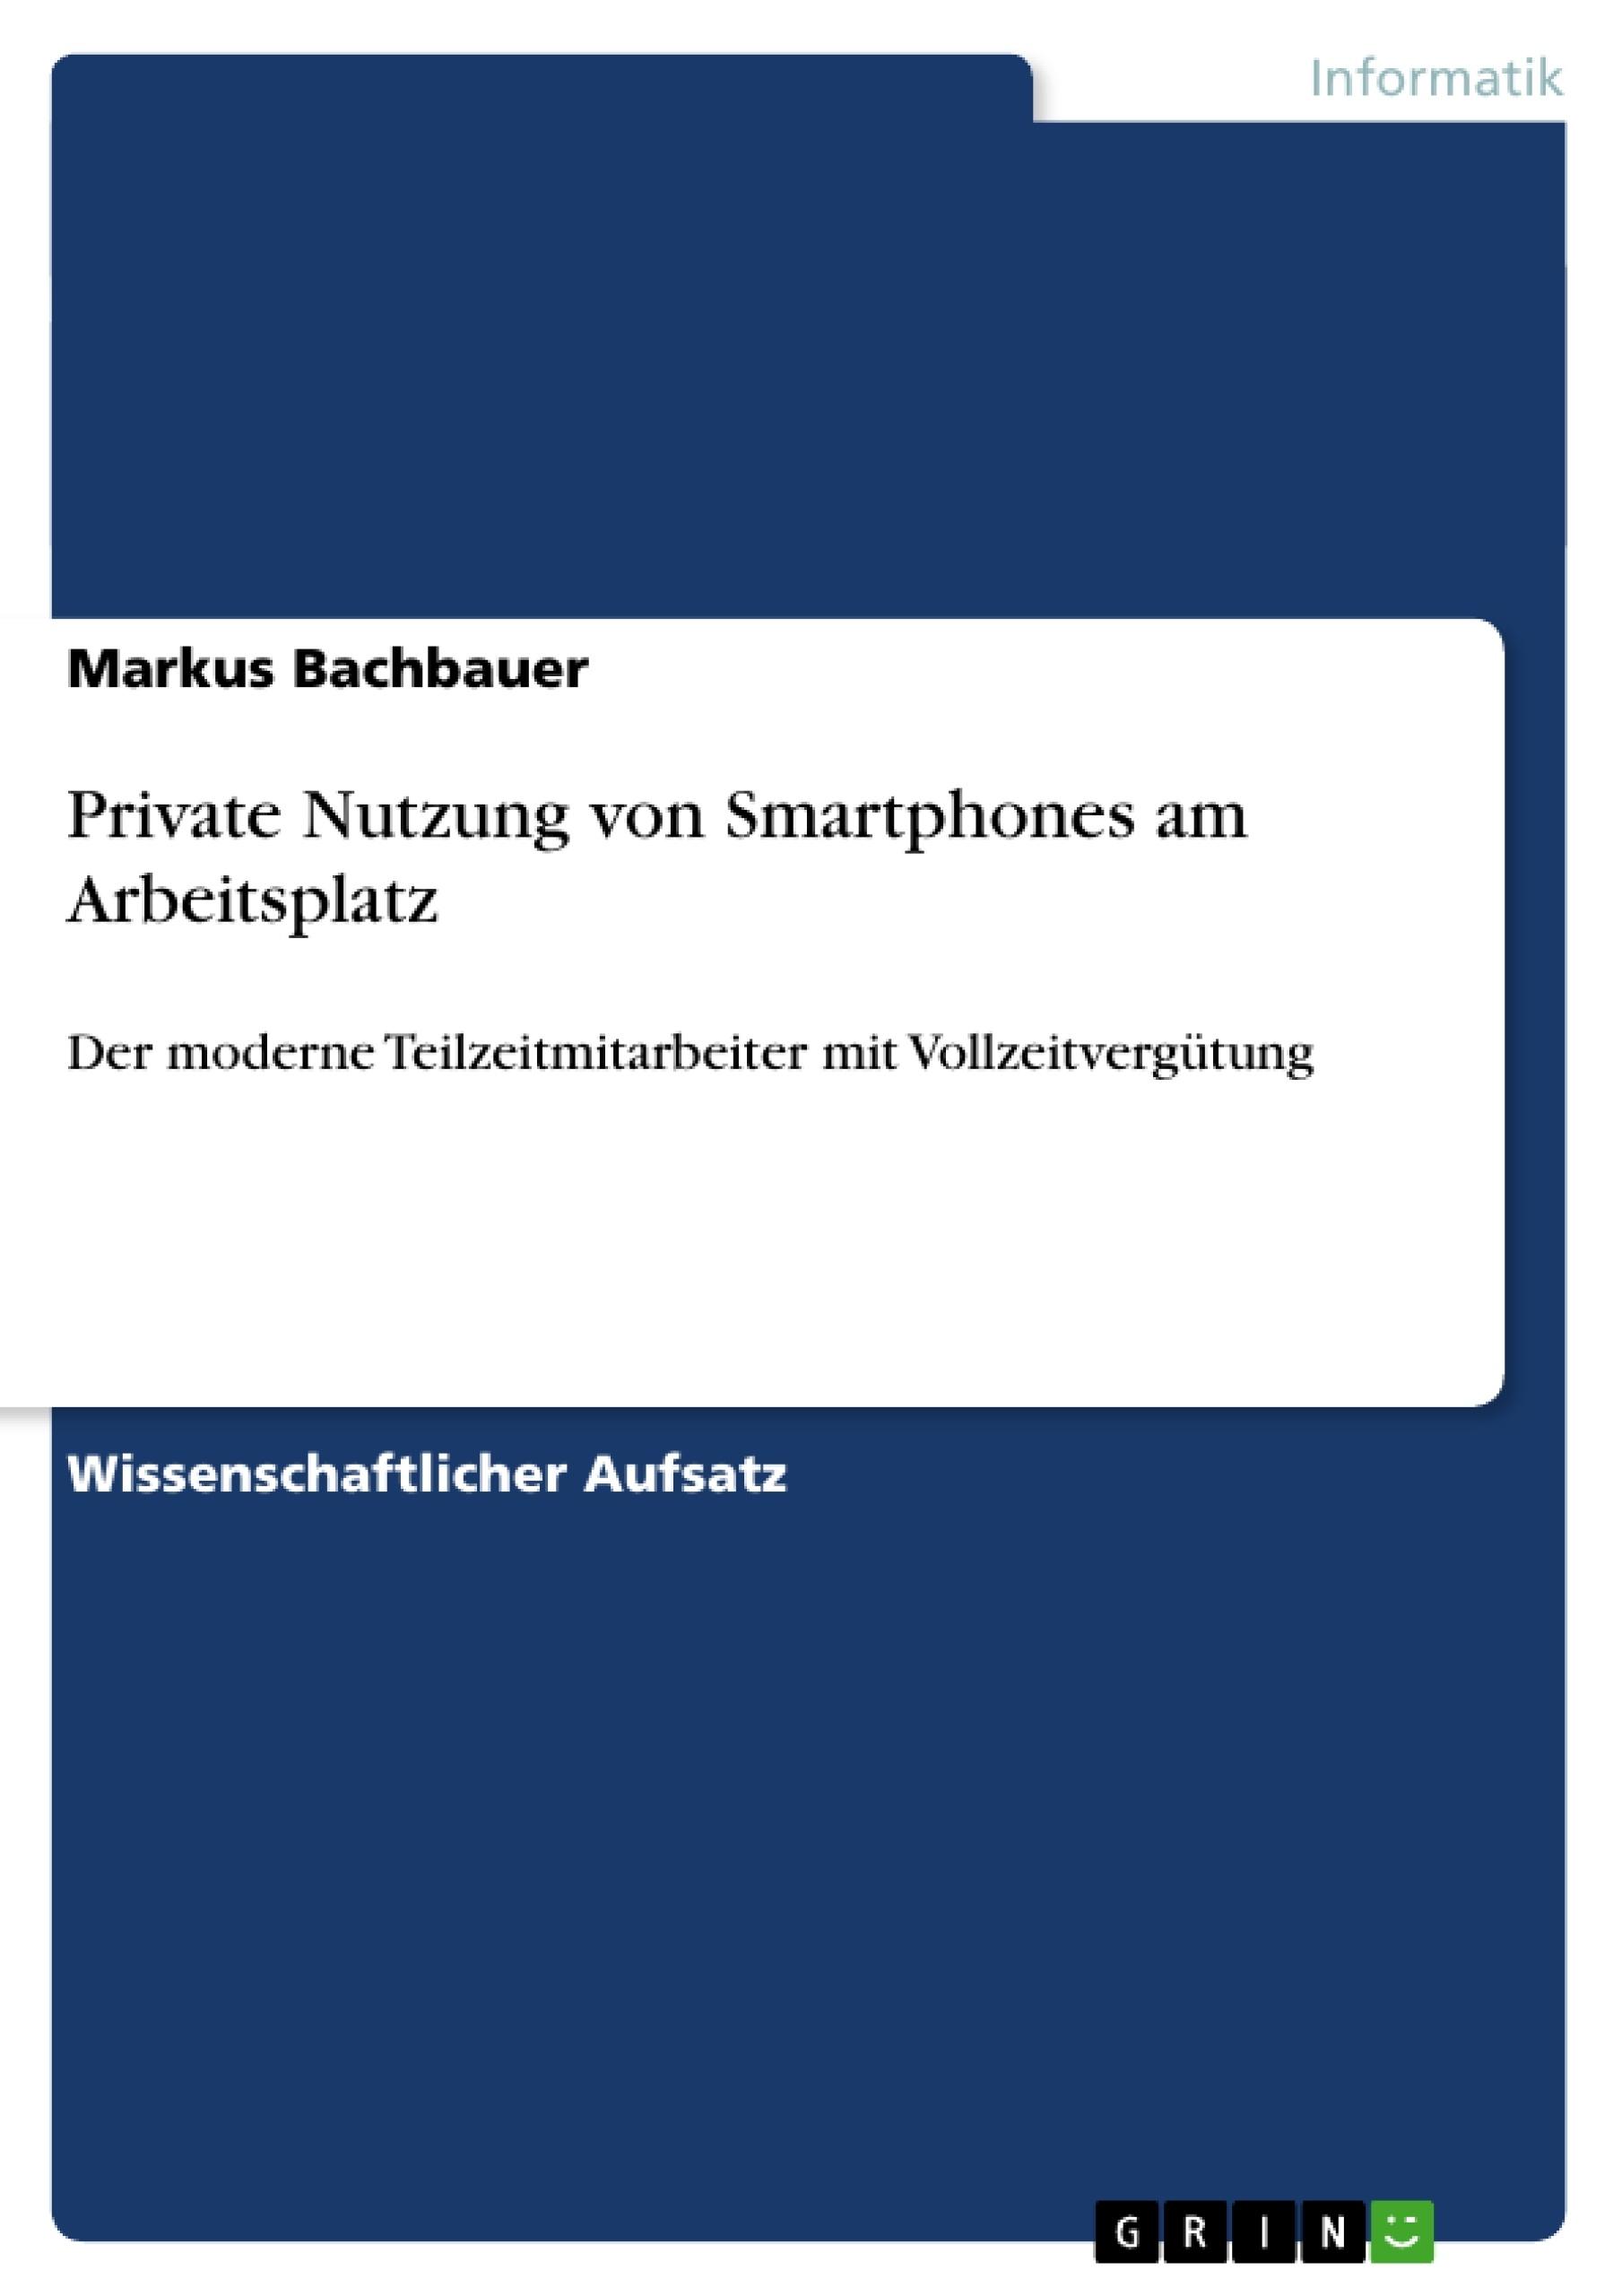 Titel: Private Nutzung von Smartphones am Arbeitsplatz